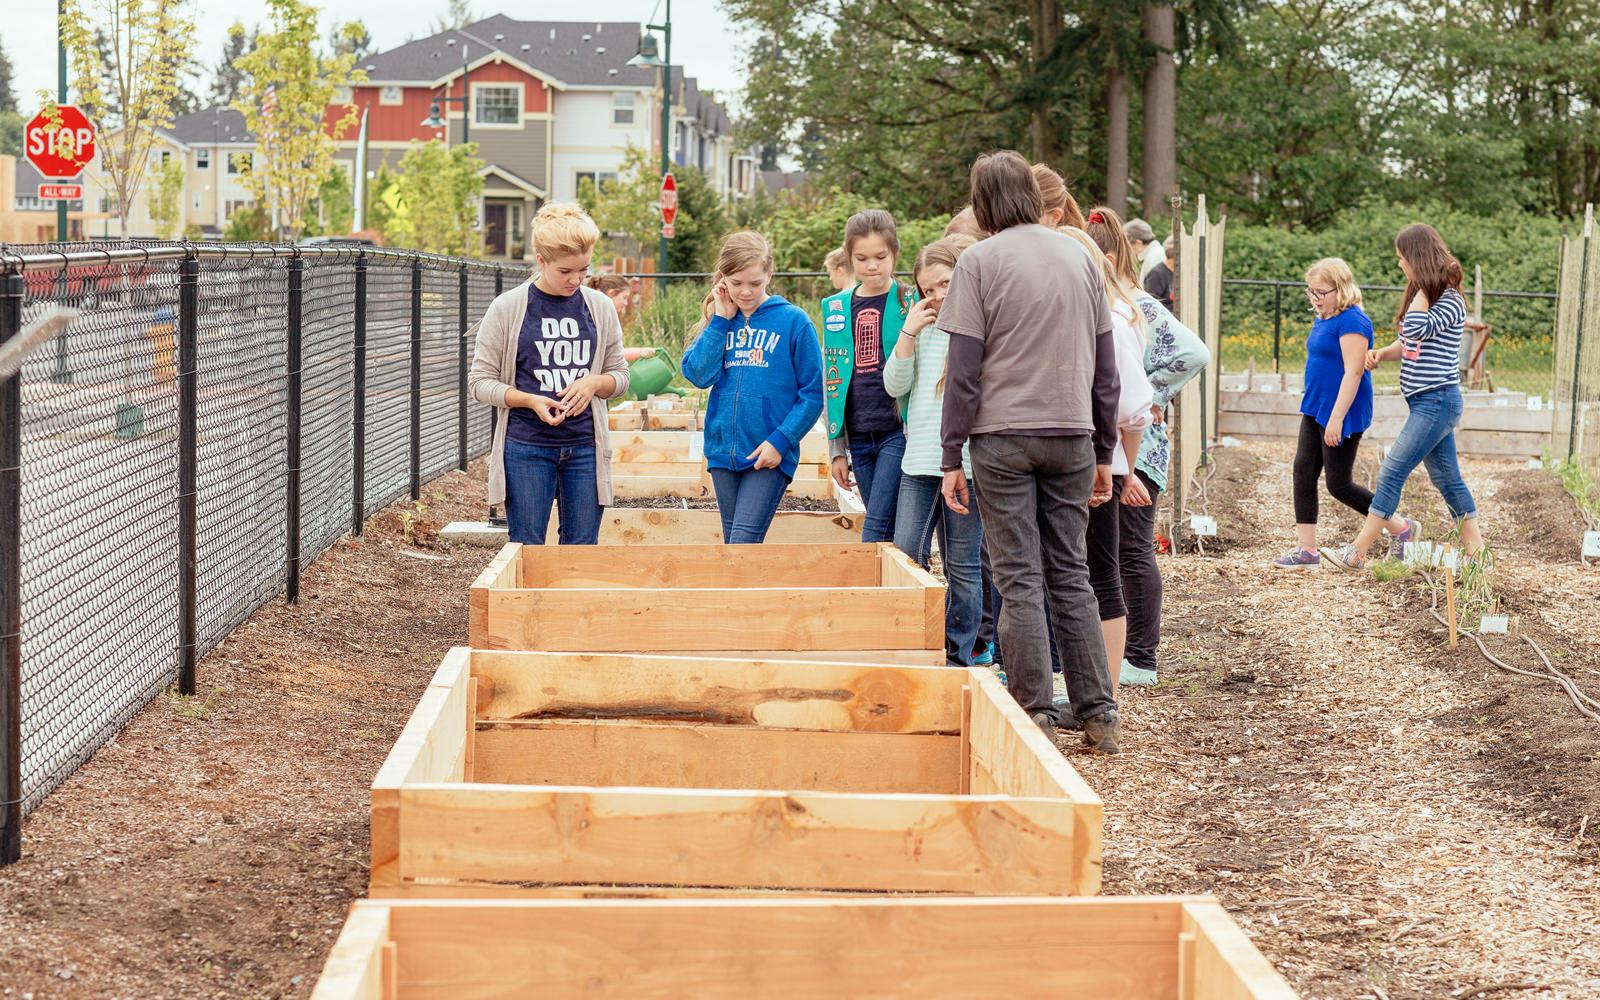 Diy Community  munity Gardening & DIY Planter Boxes